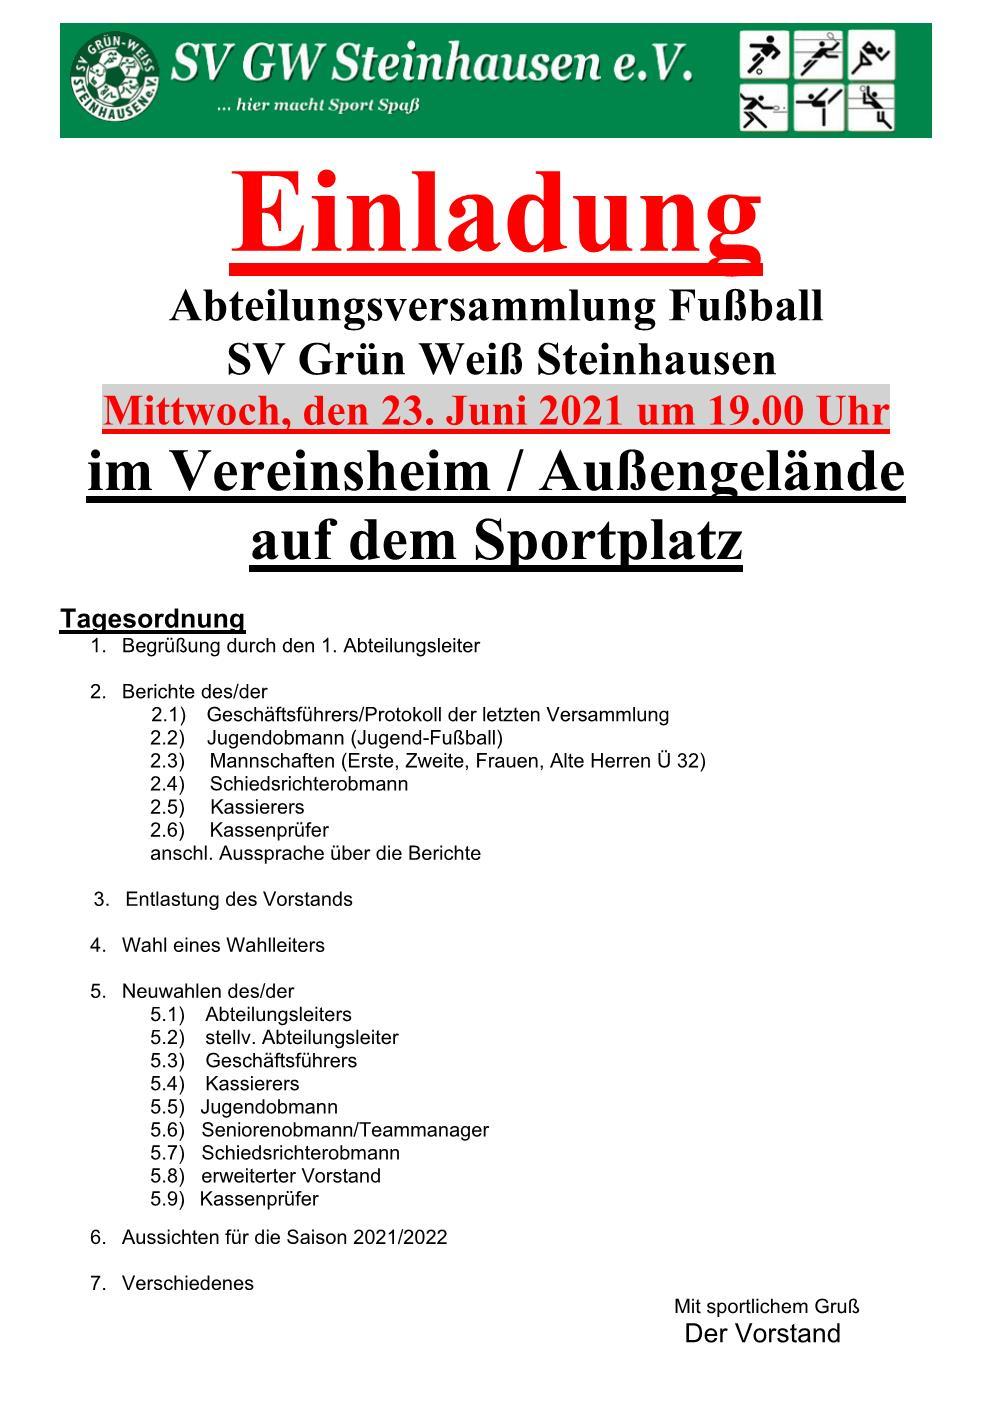 SV GW Steinhausen Einladung